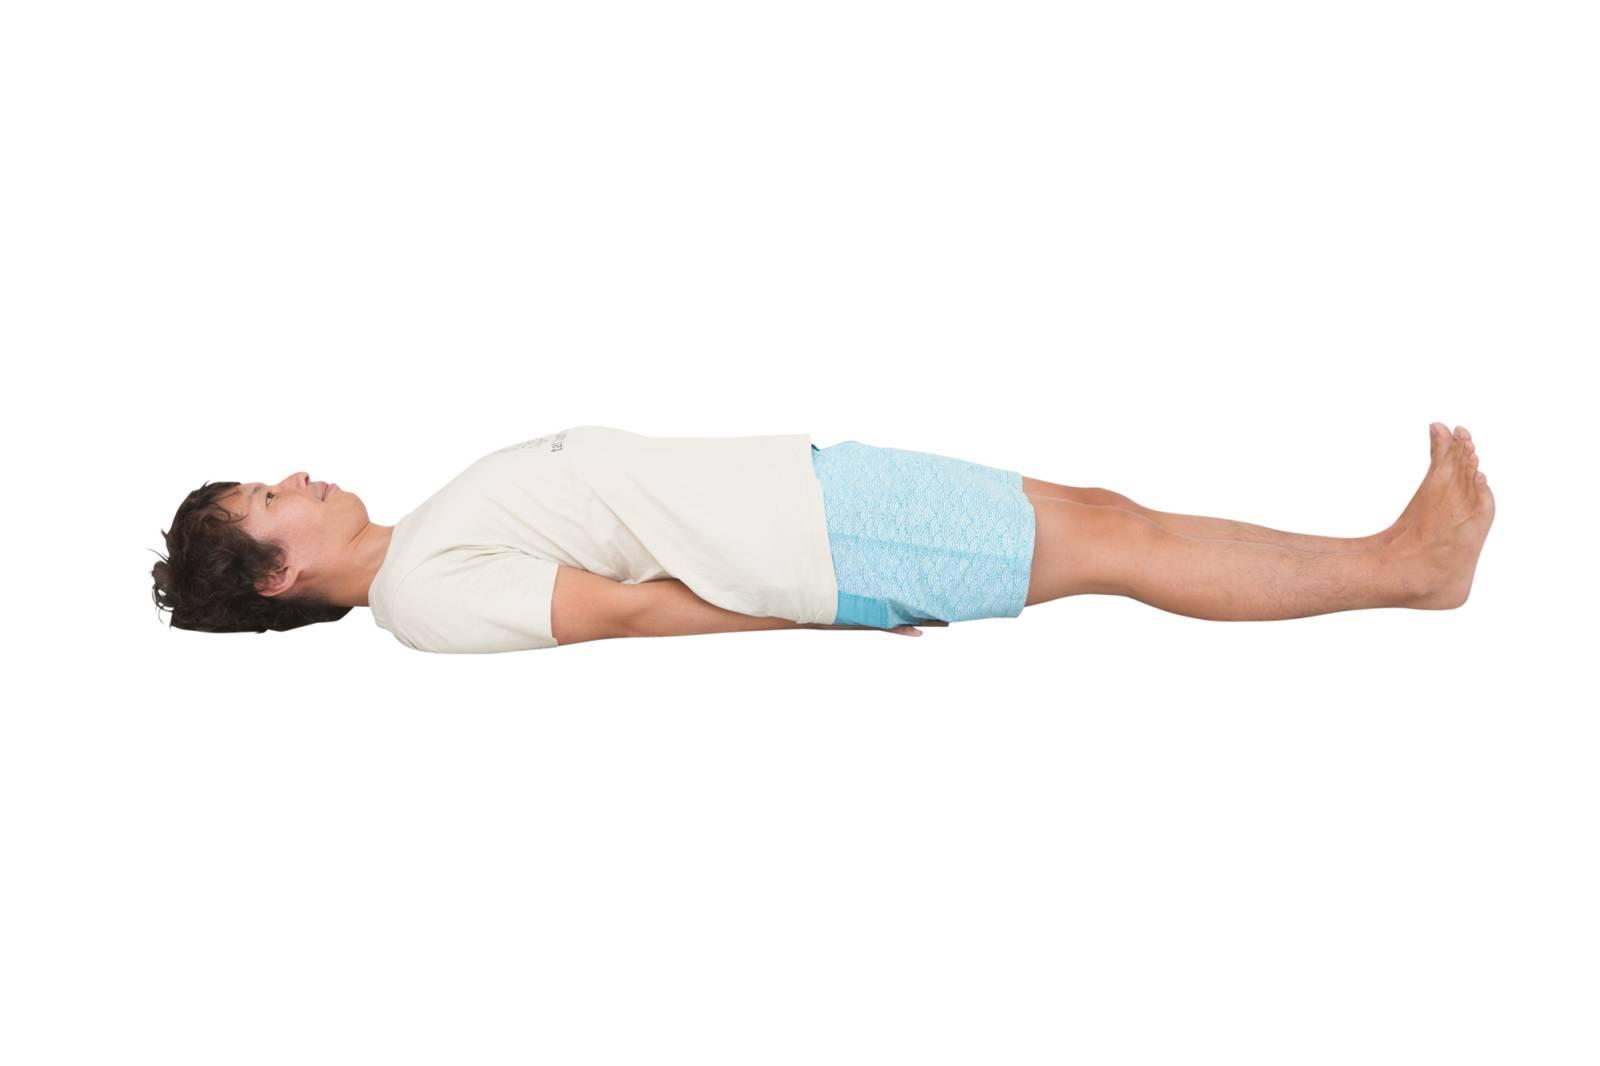 マッツヤーサナで大胸筋鎖骨部を伸ばす